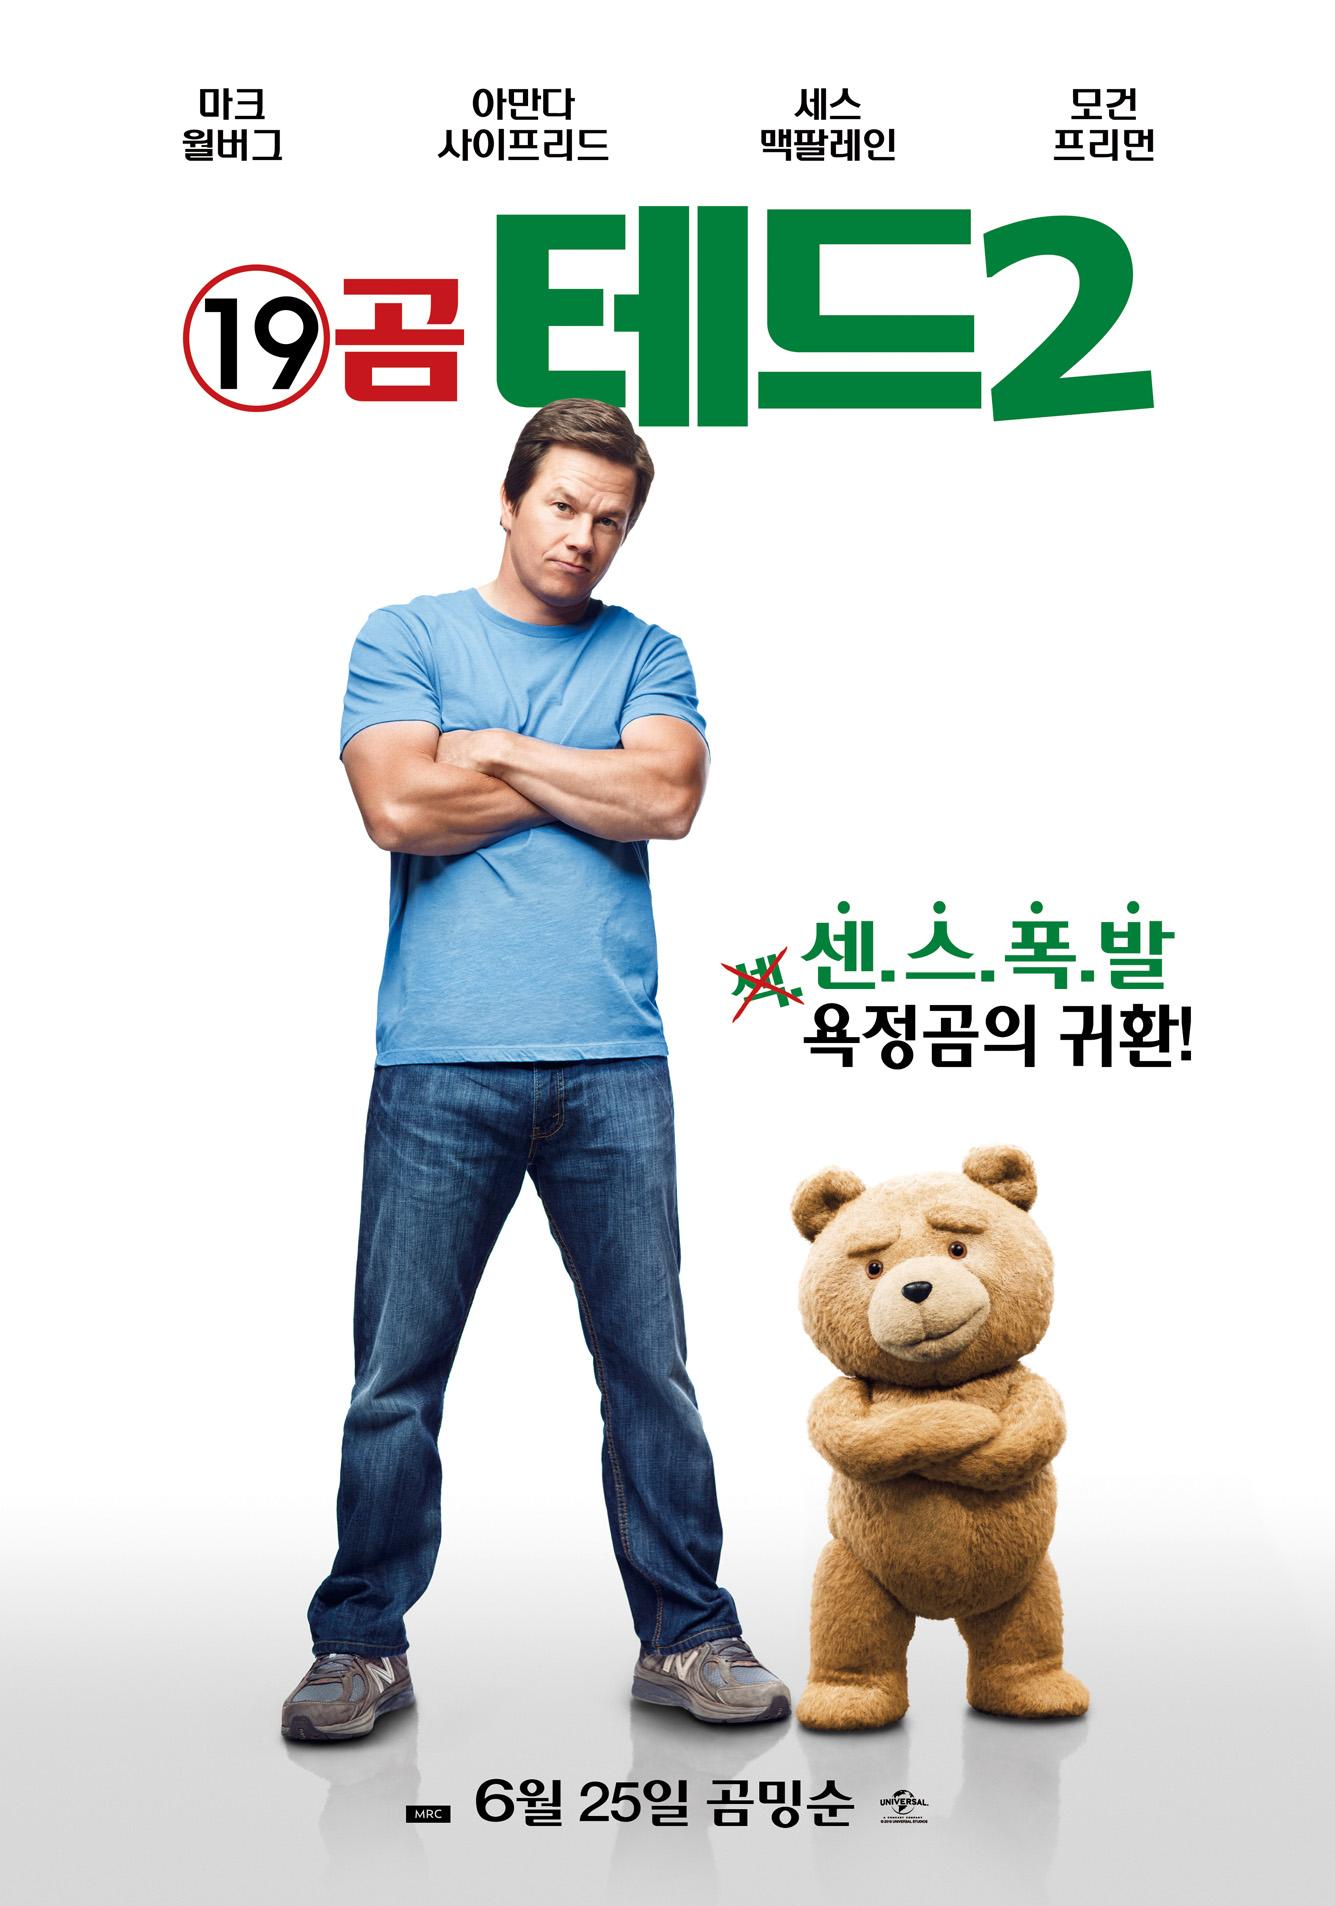 19곰 테드 2 (Ted 2, 2015)